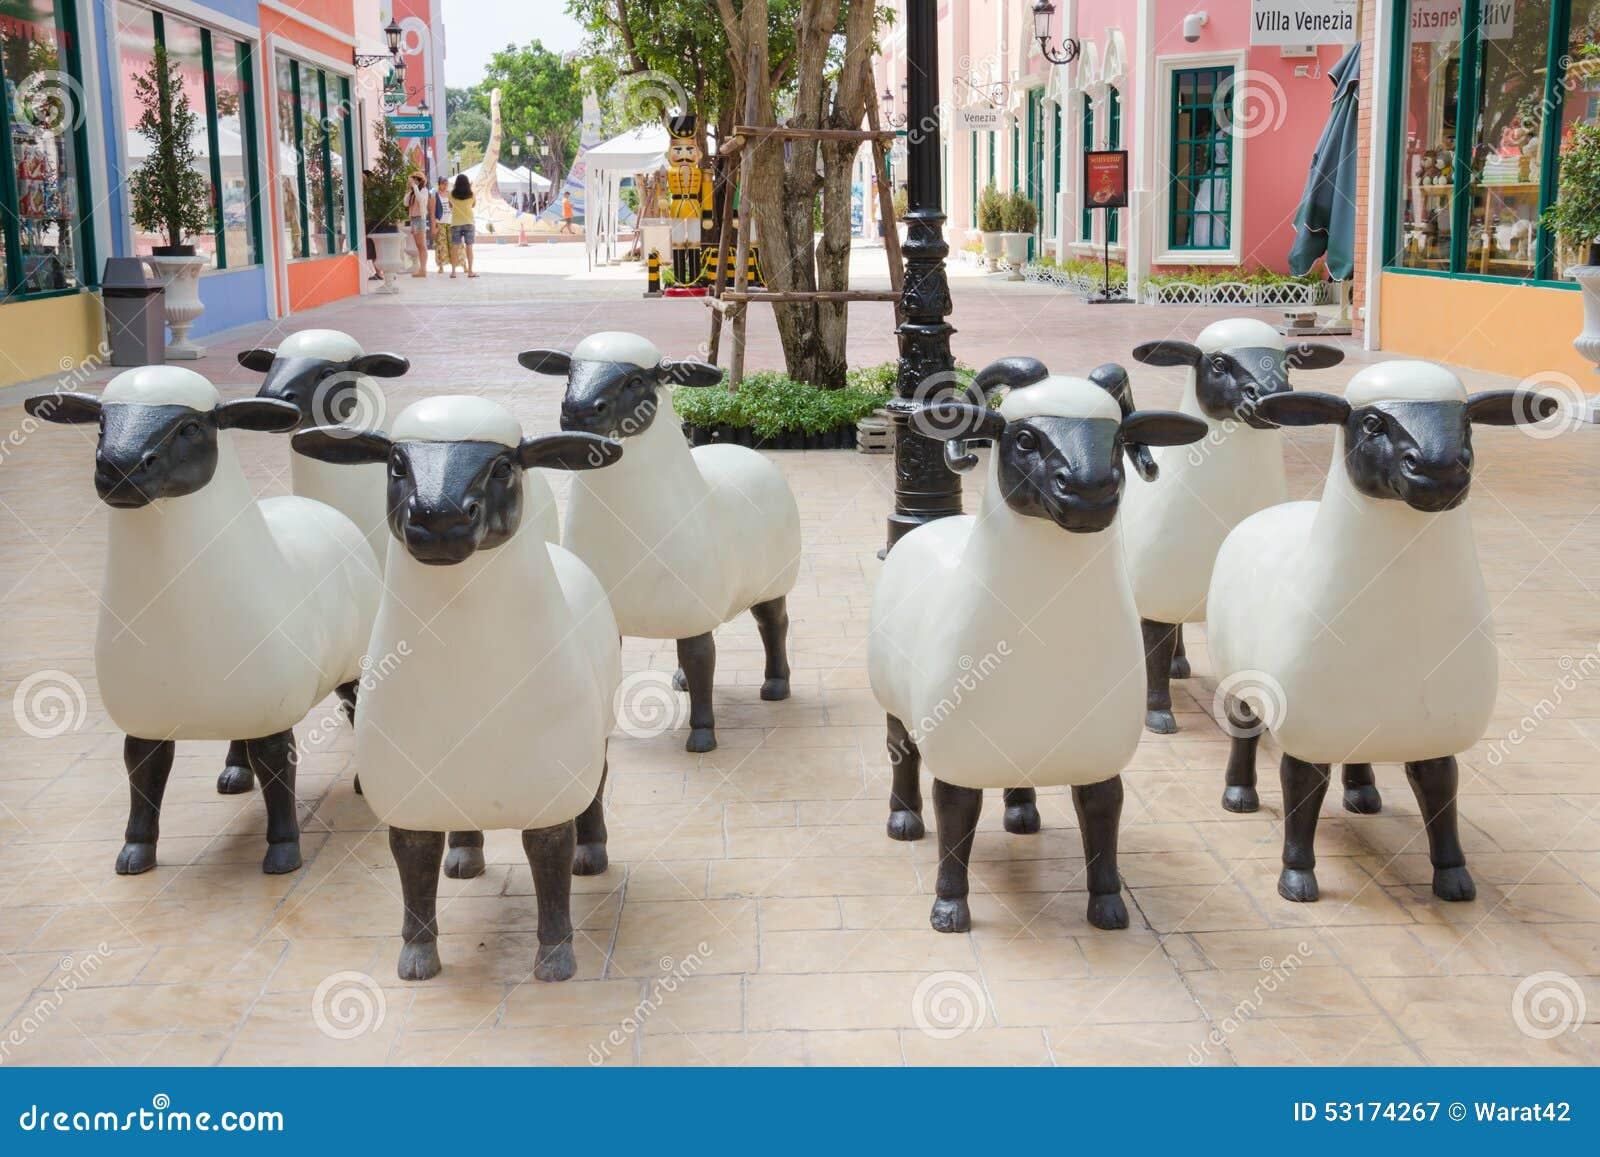 De synthetische schapen als decoratie redactionele fotografie afbeelding 53174267 - Decoratie terrace ...